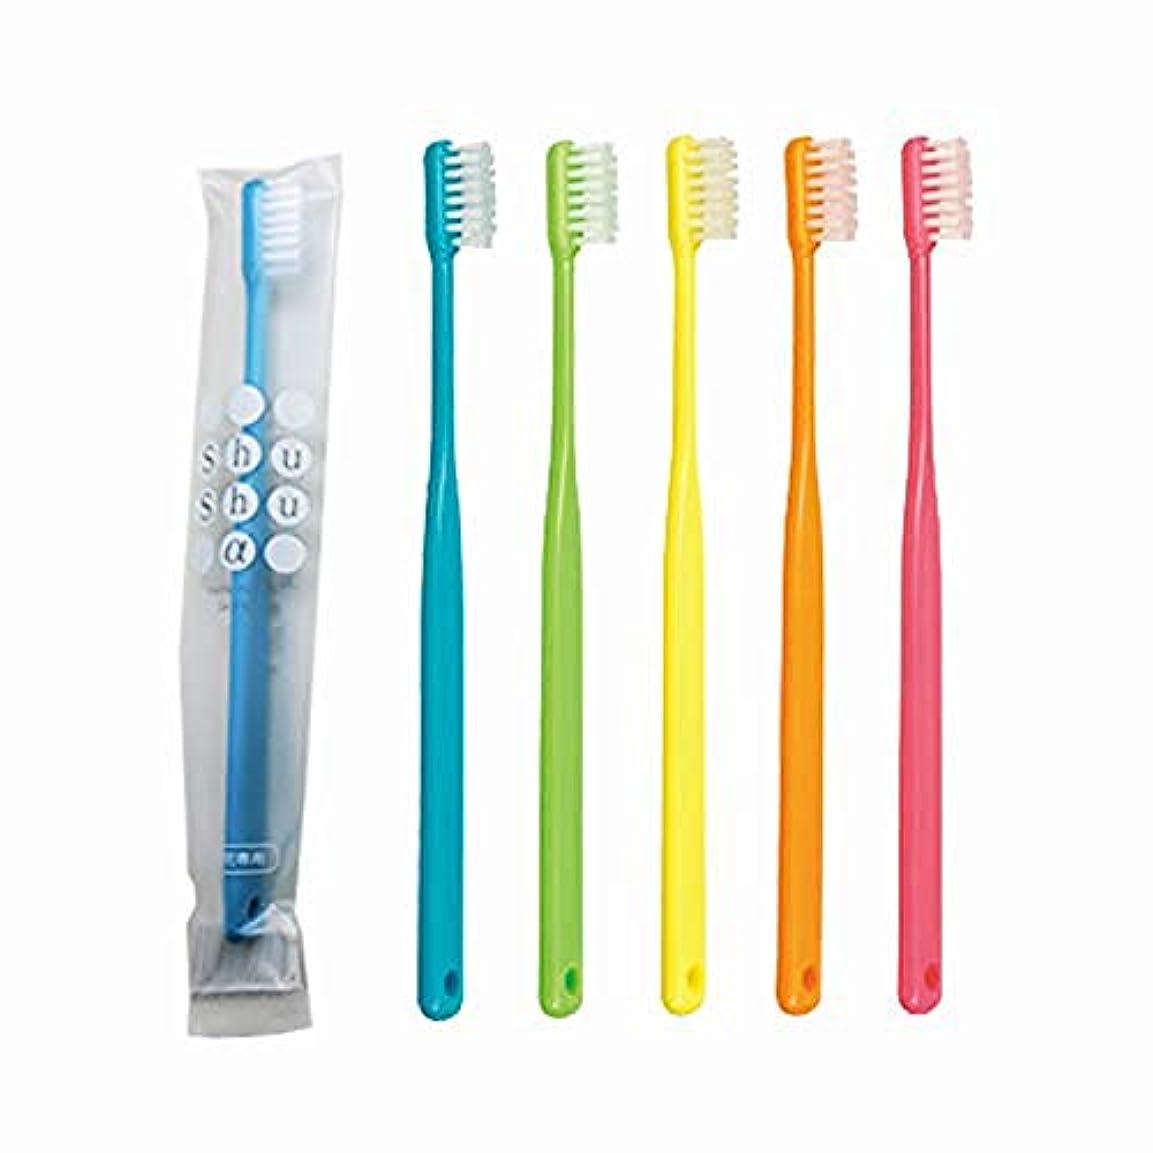 骨の折れる肌噴火歯科専売品 大人用歯ブラシ FEED Shu Shu α(シュシュアルファ)×10本 S (やわらかめ)